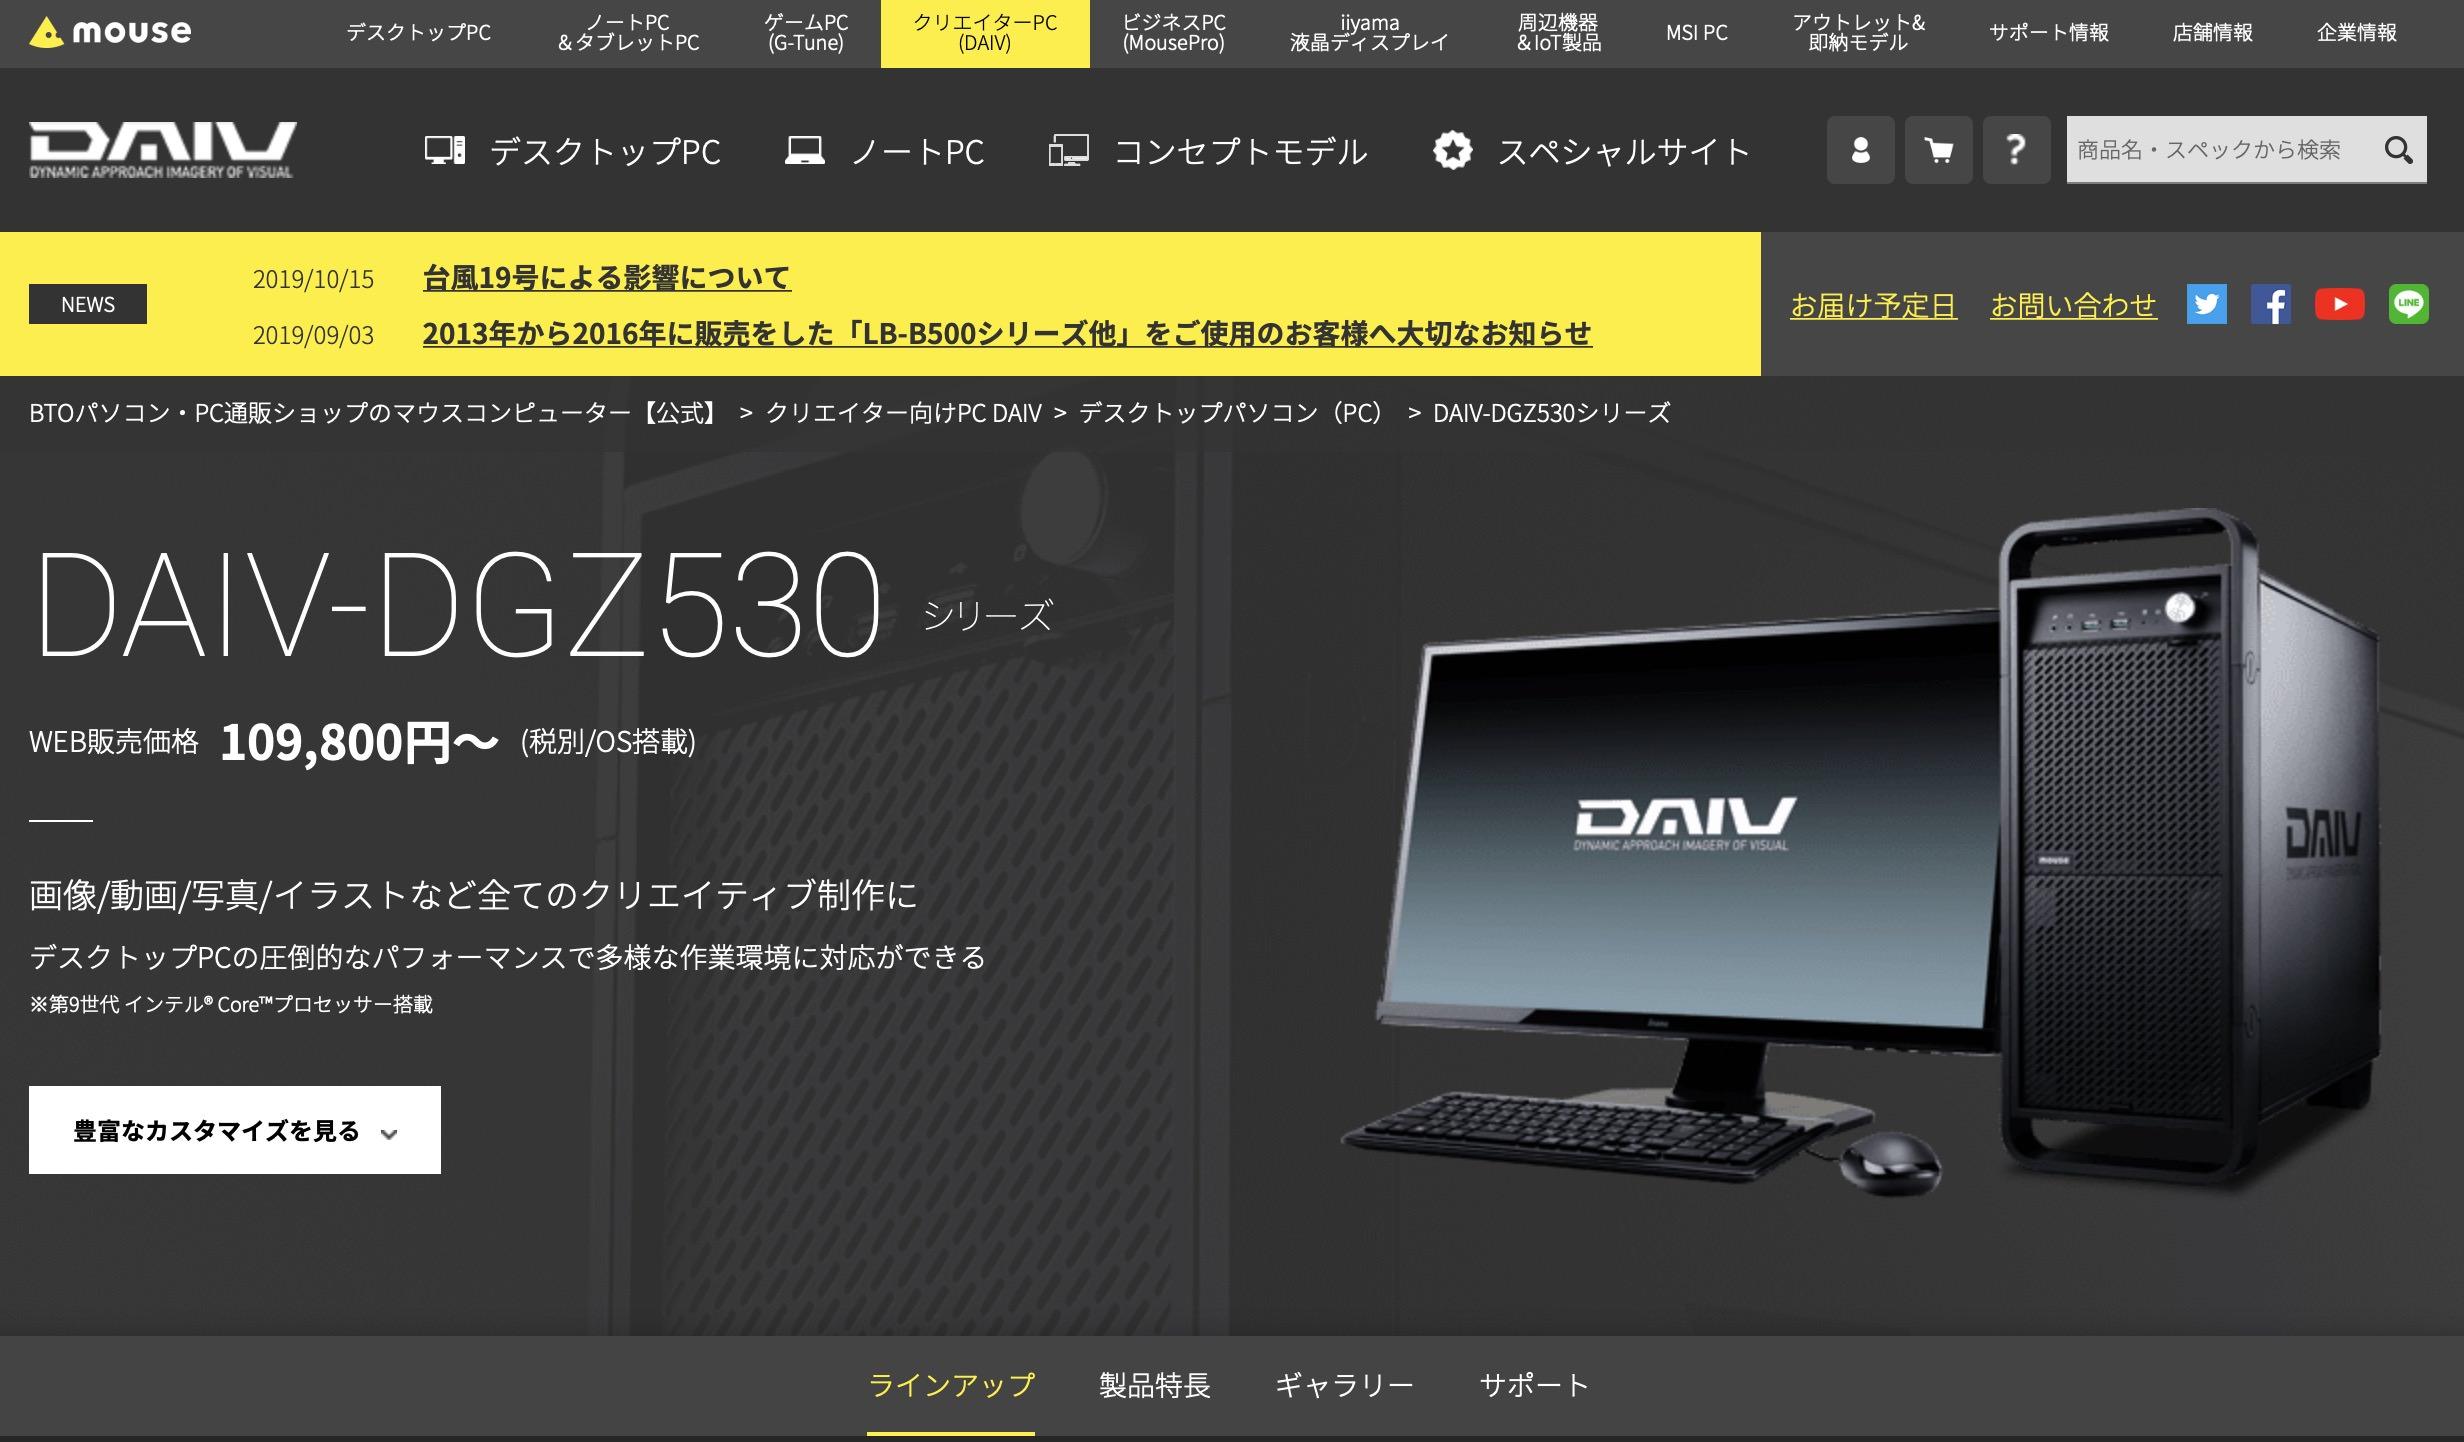 マウスコンピュータ DAIV DGZ530 シリーズ